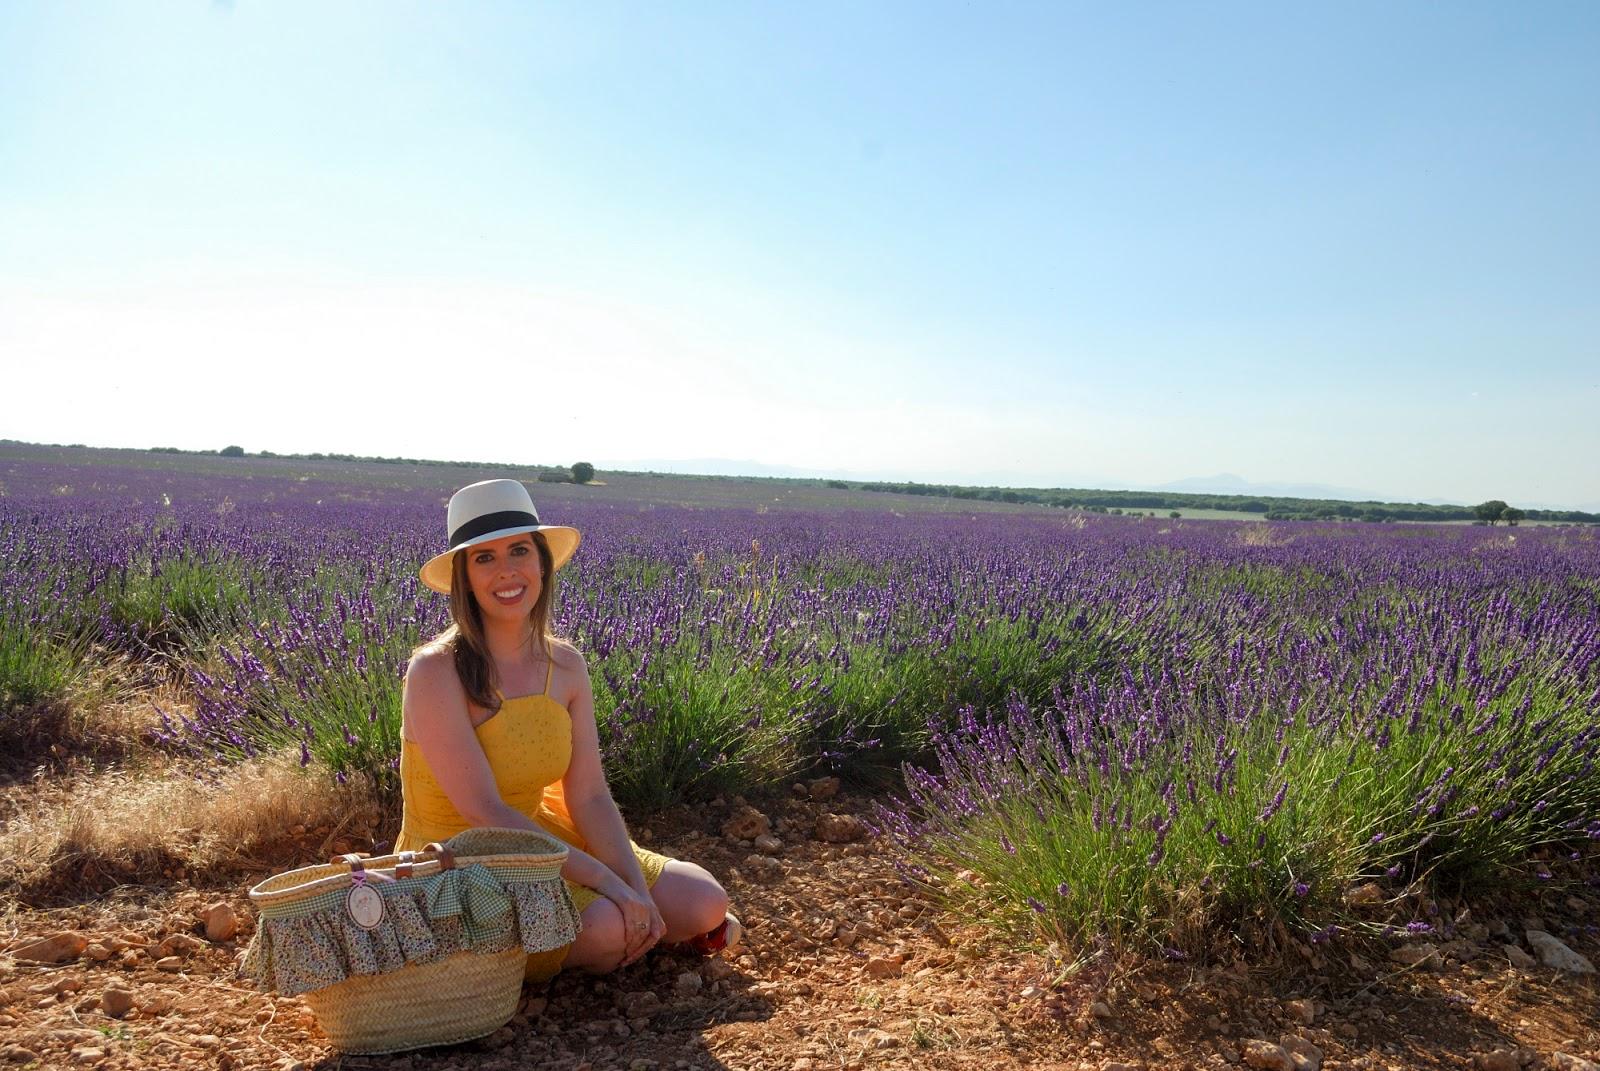 festival campos lavanda brihuega guadalajara lavender fields spain